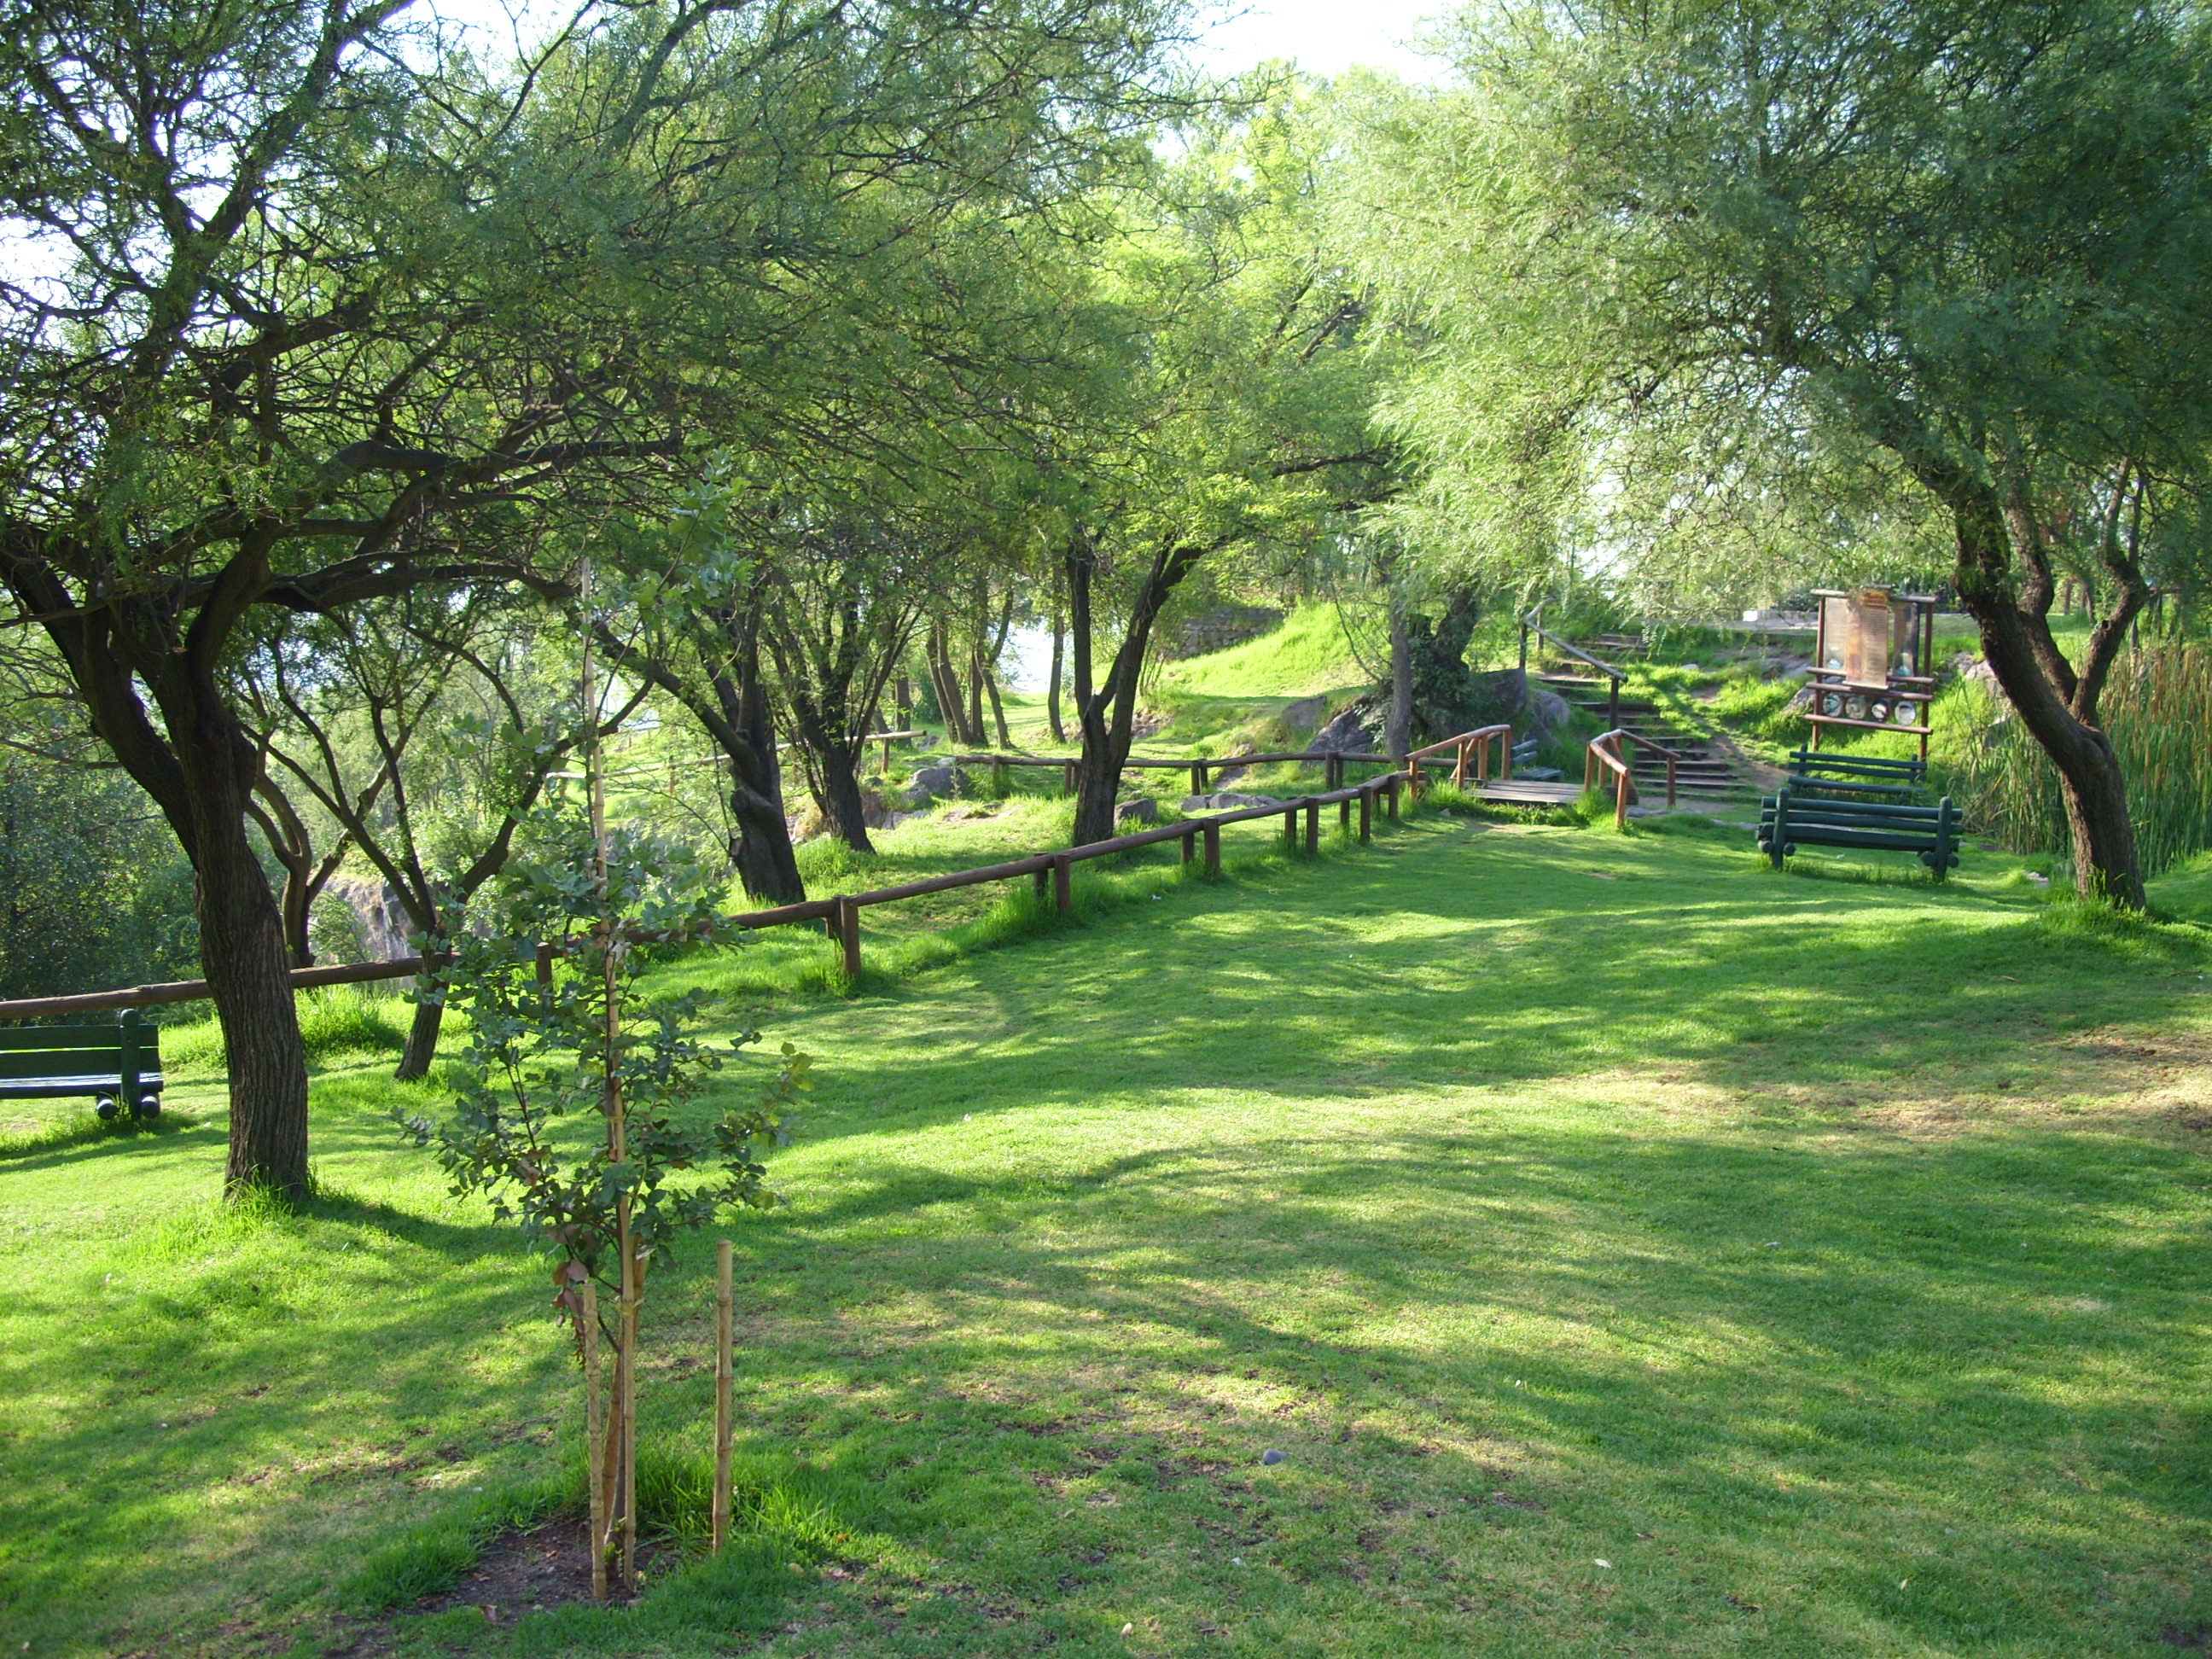 Parque Metropolitano (Santiago de Chile)